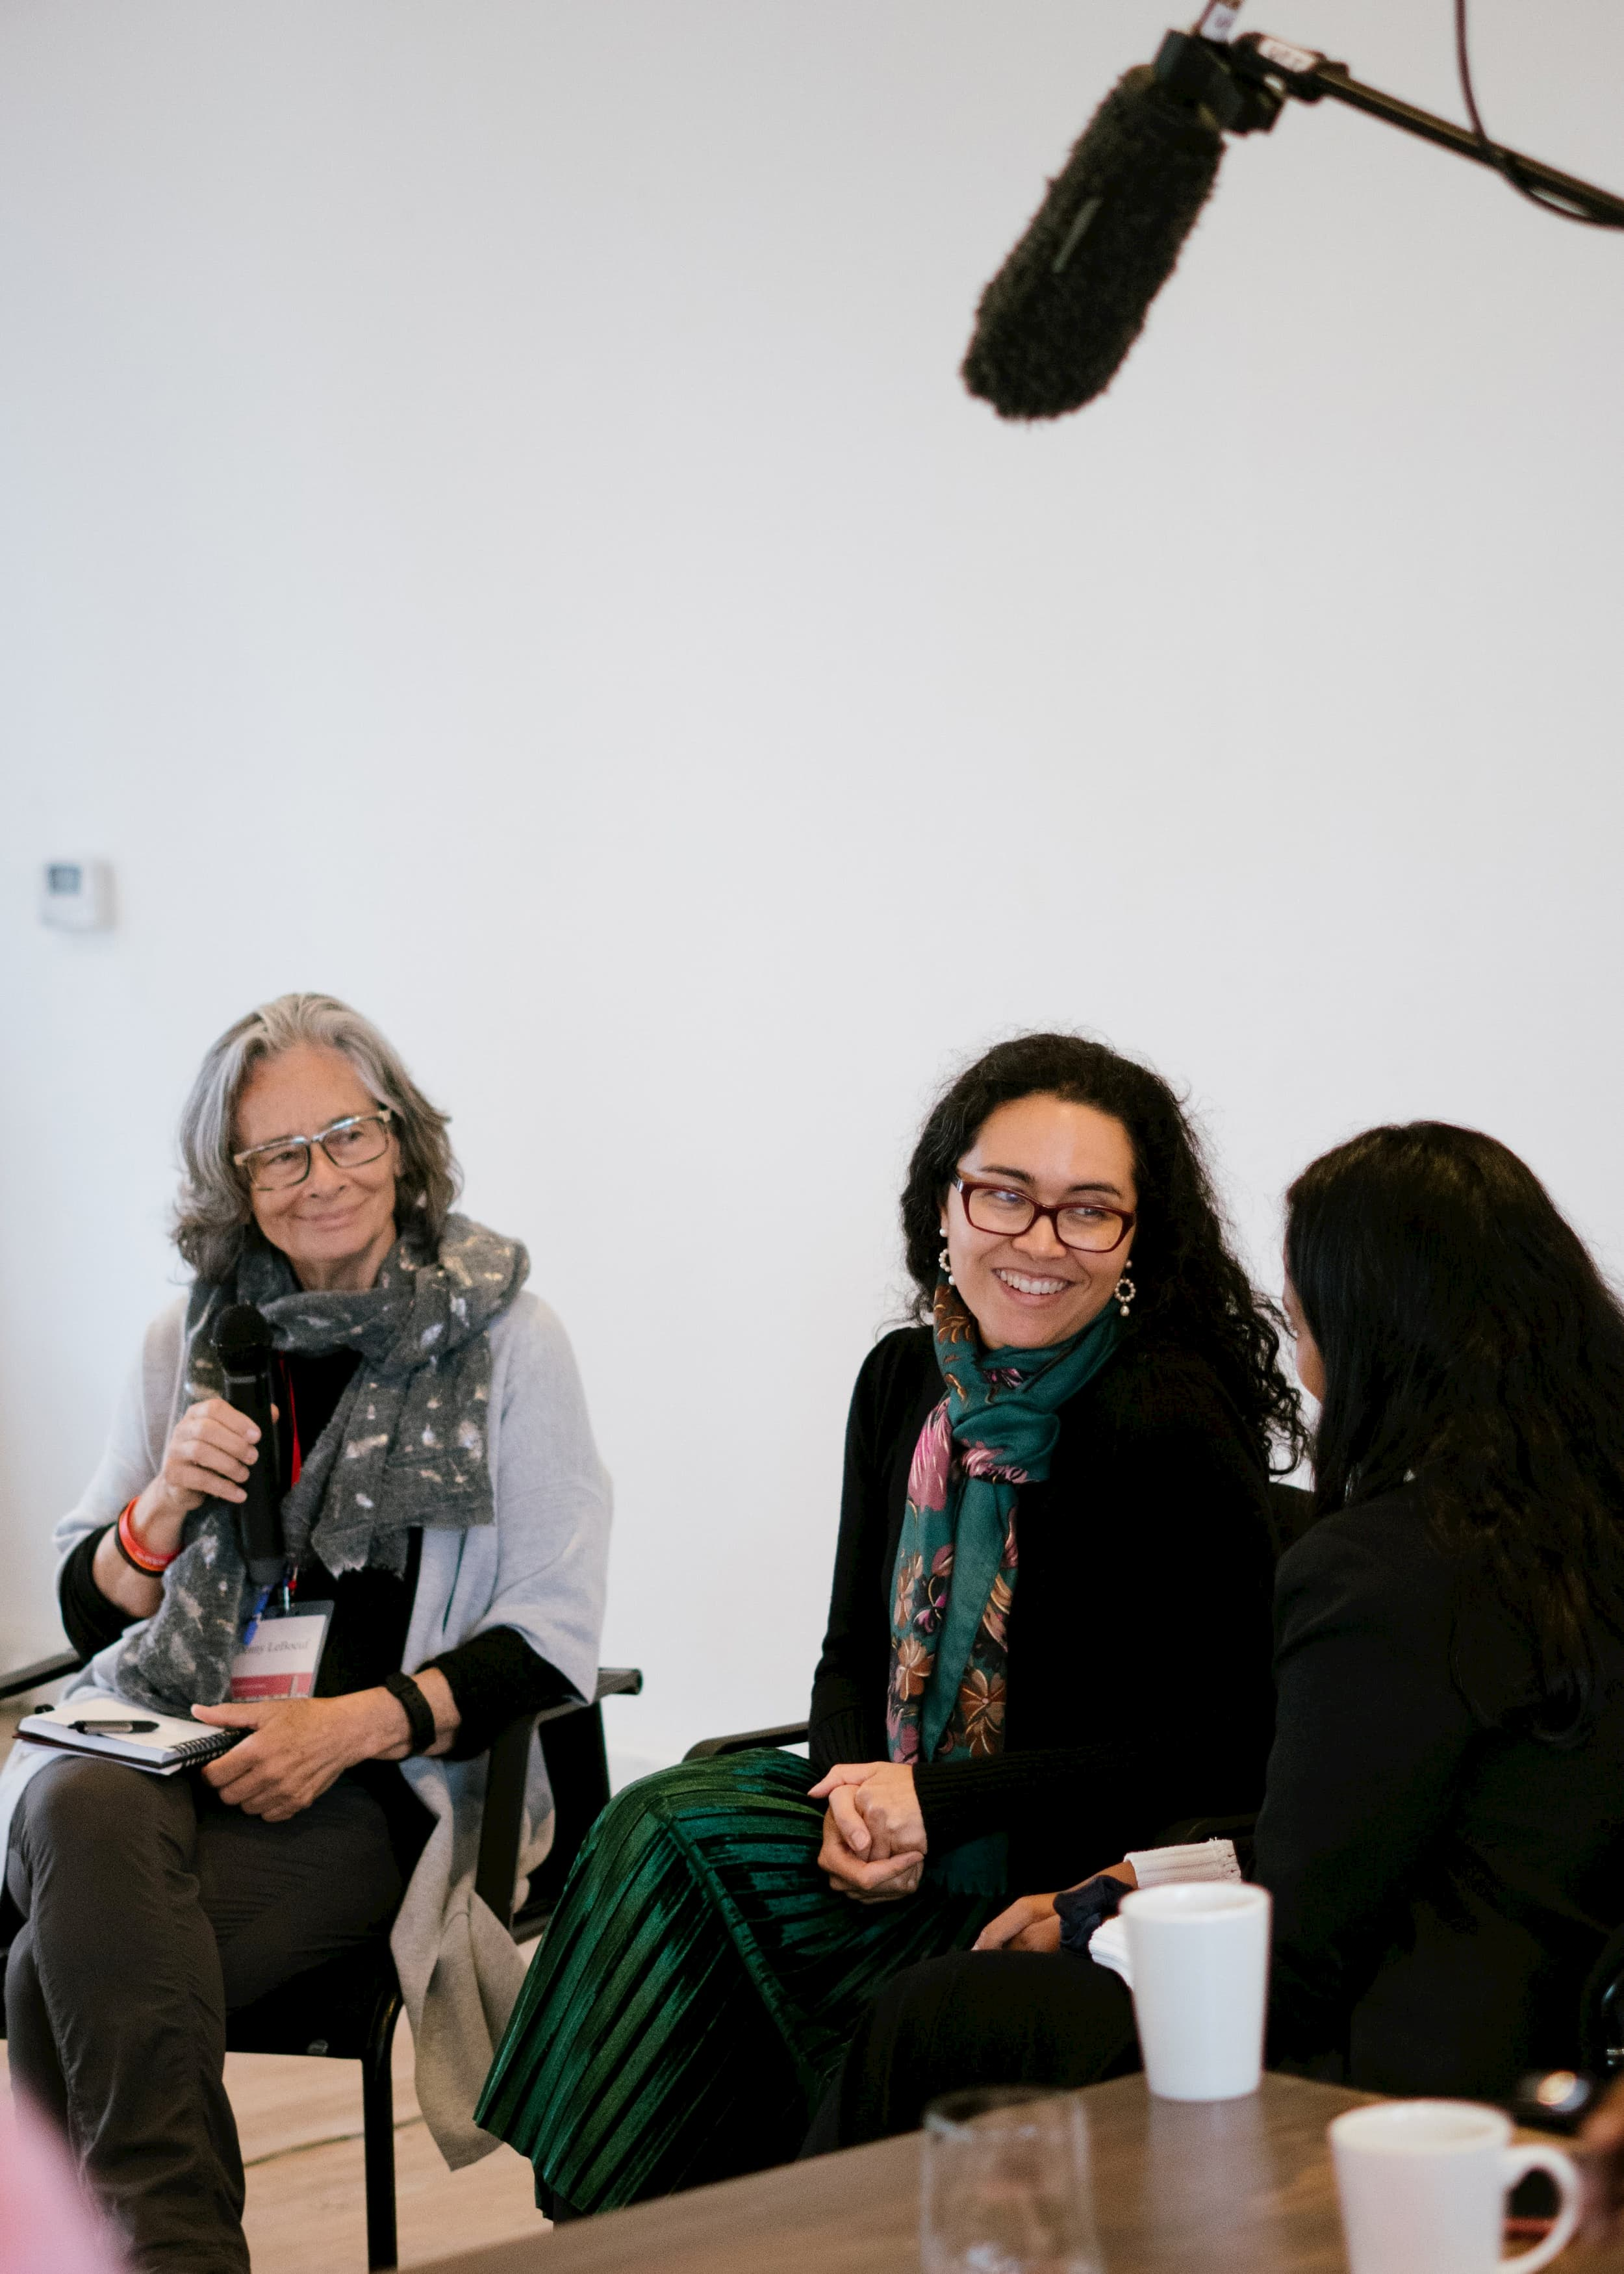 Trois femmes sont assises sur des chaises. Une femme portant des lunettes et une chemise noire sourit à la femme à côté d'elle. La troisième femme les regarde et tient un microphone.